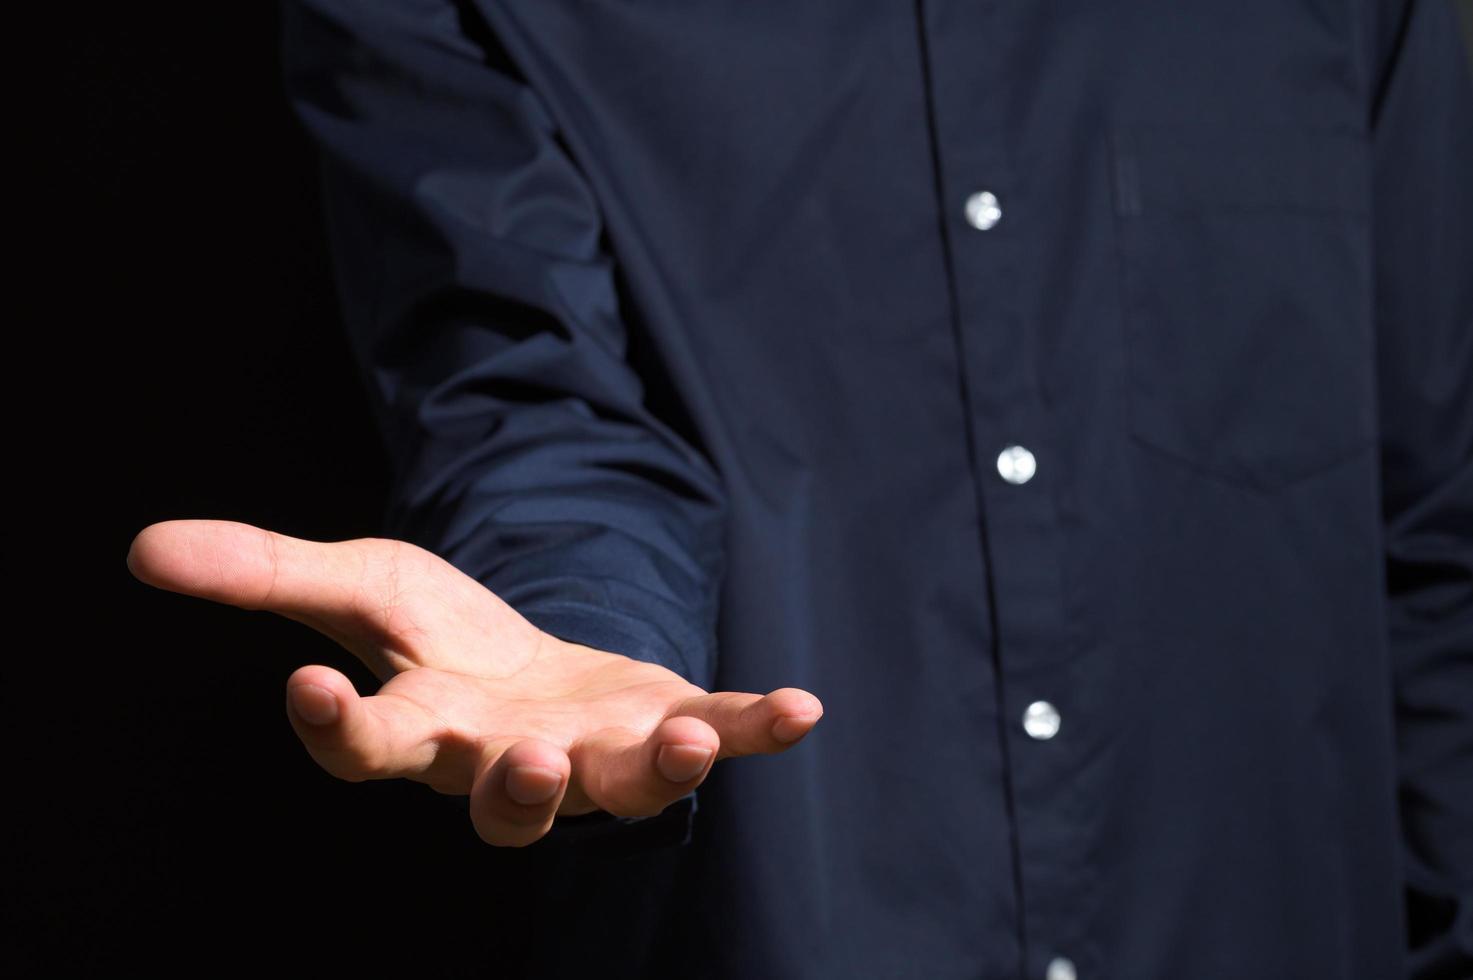 Mann streckt die Hand aus foto